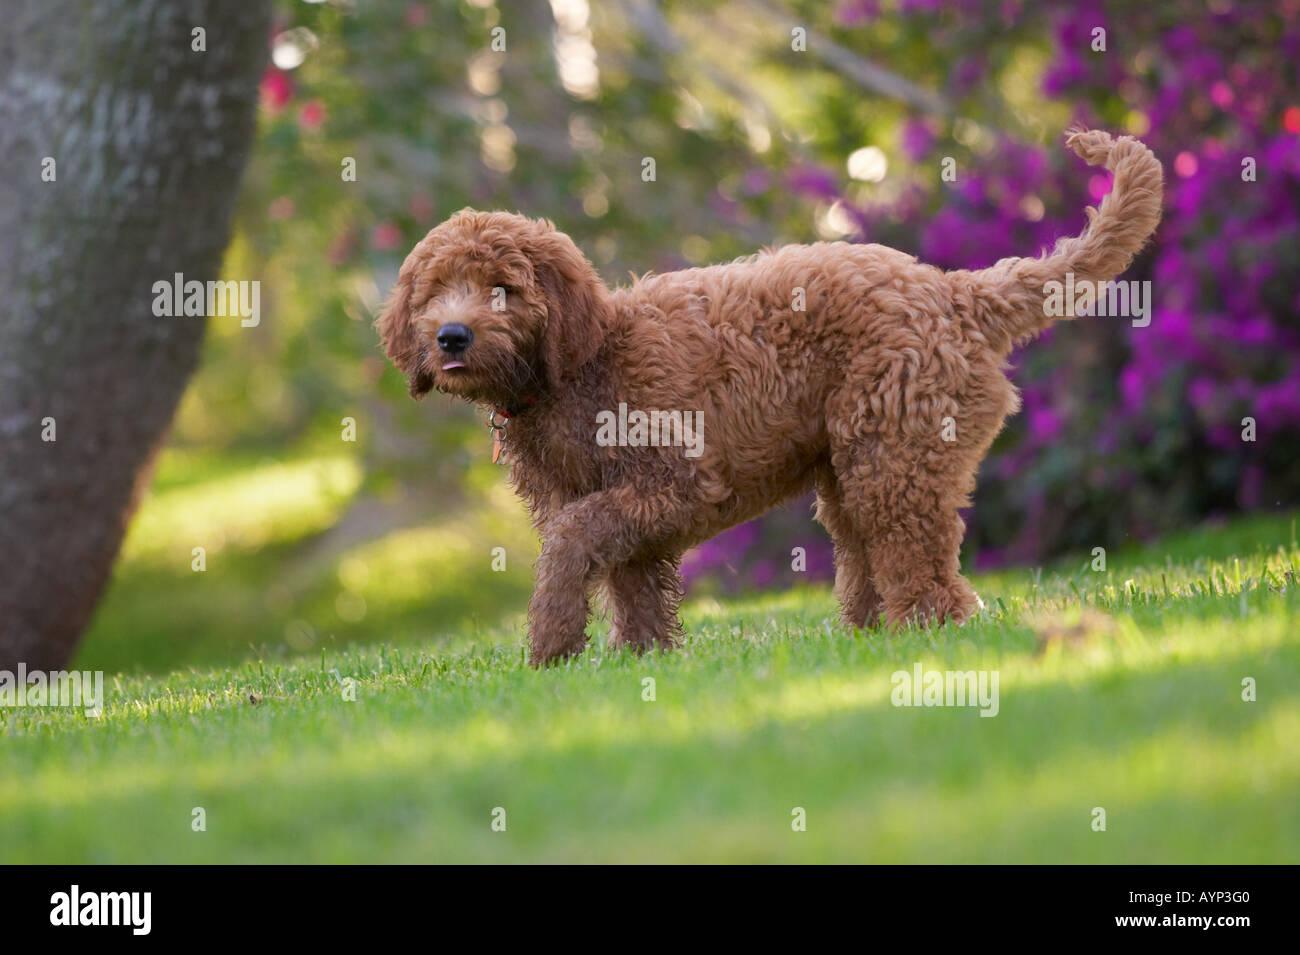 Golden doodle cane cucciolo cani retriver poodle verde erba cespugli di fiori Immagini Stock